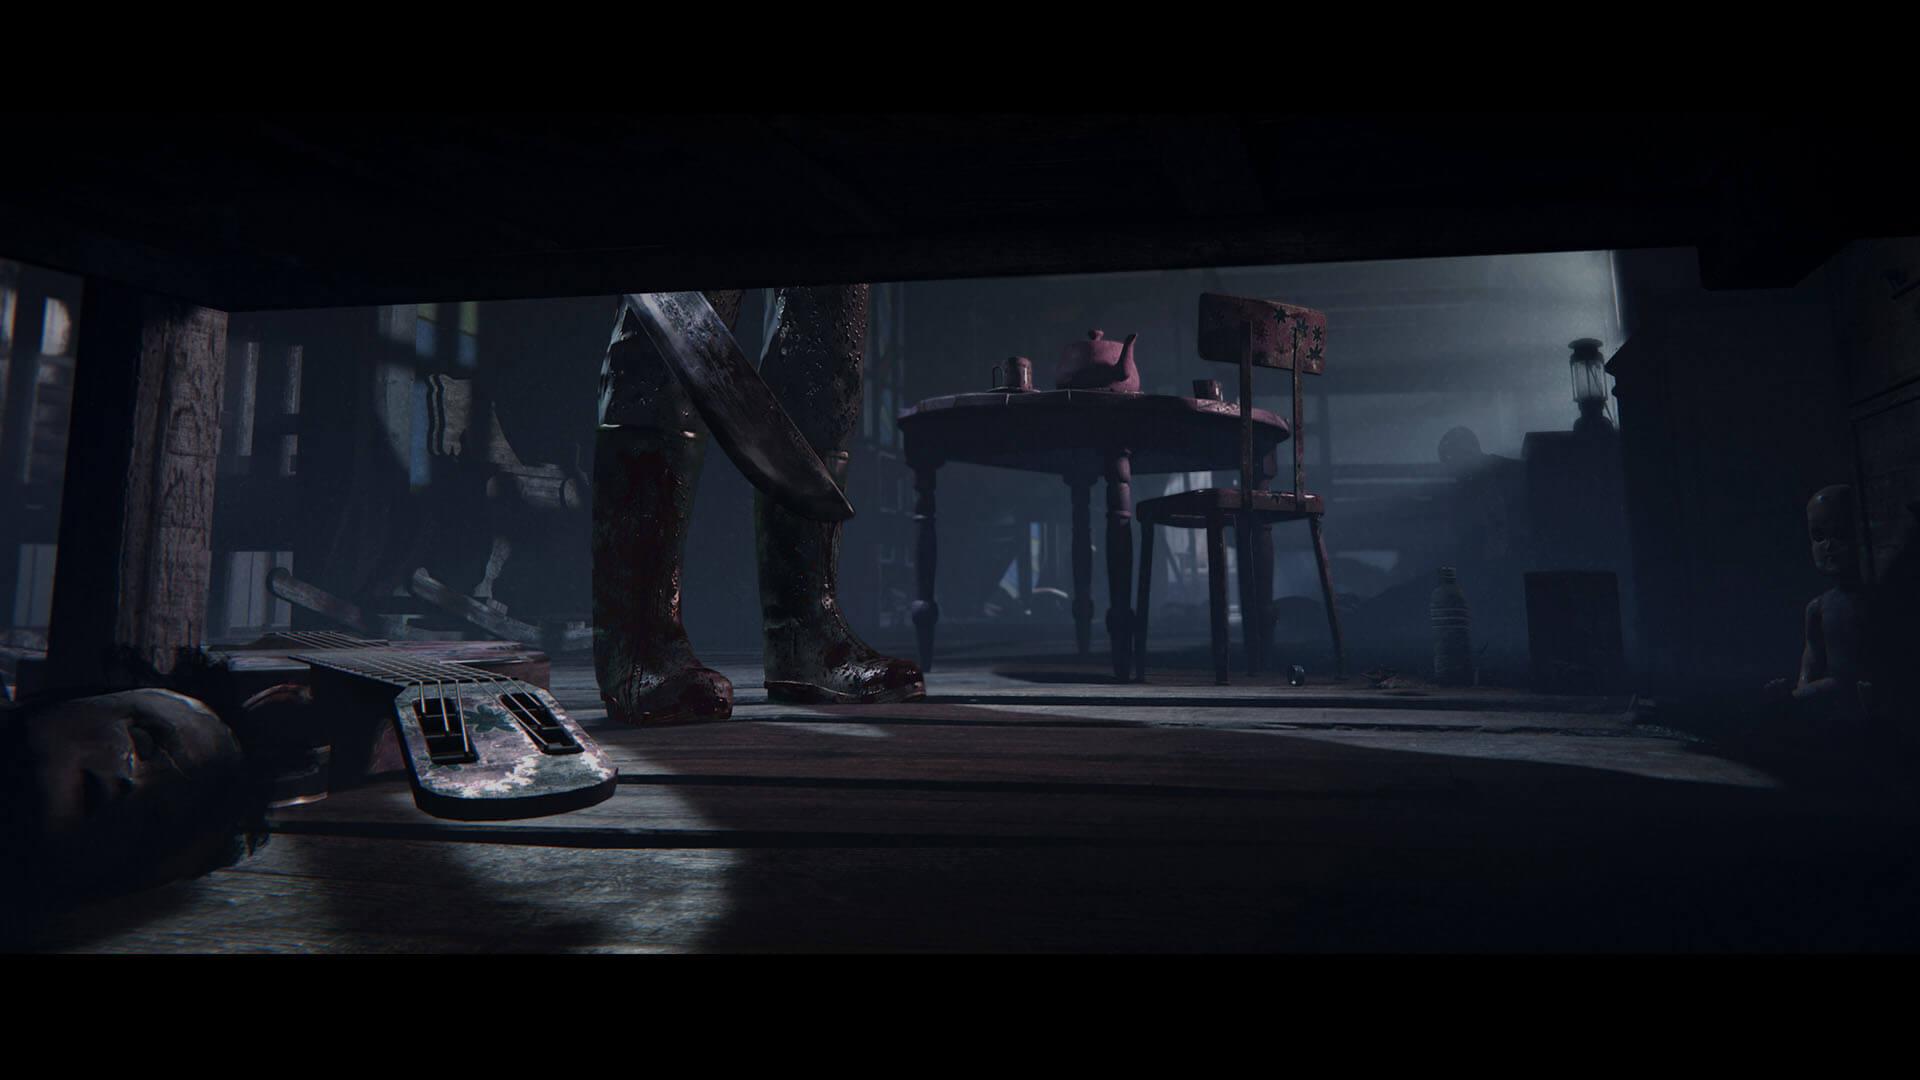 Boy With Car Hd Wallpaper Jogo Outlast 2 Para Xbox One Dicas An 225 Lise E Imagens